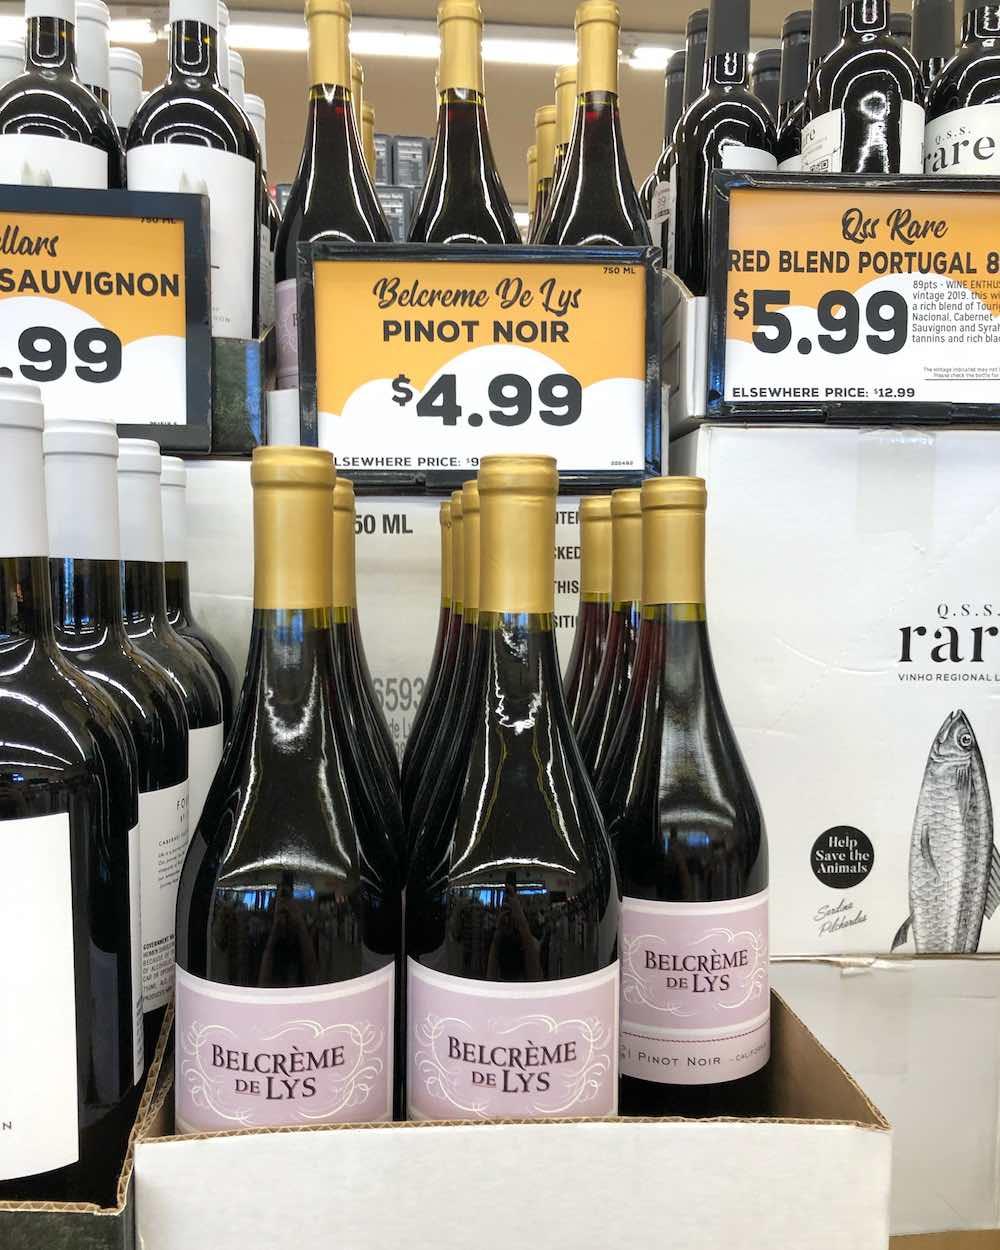 Grocery Outlet Wine - Belcrème De Lys 2018 California Pinot Noir